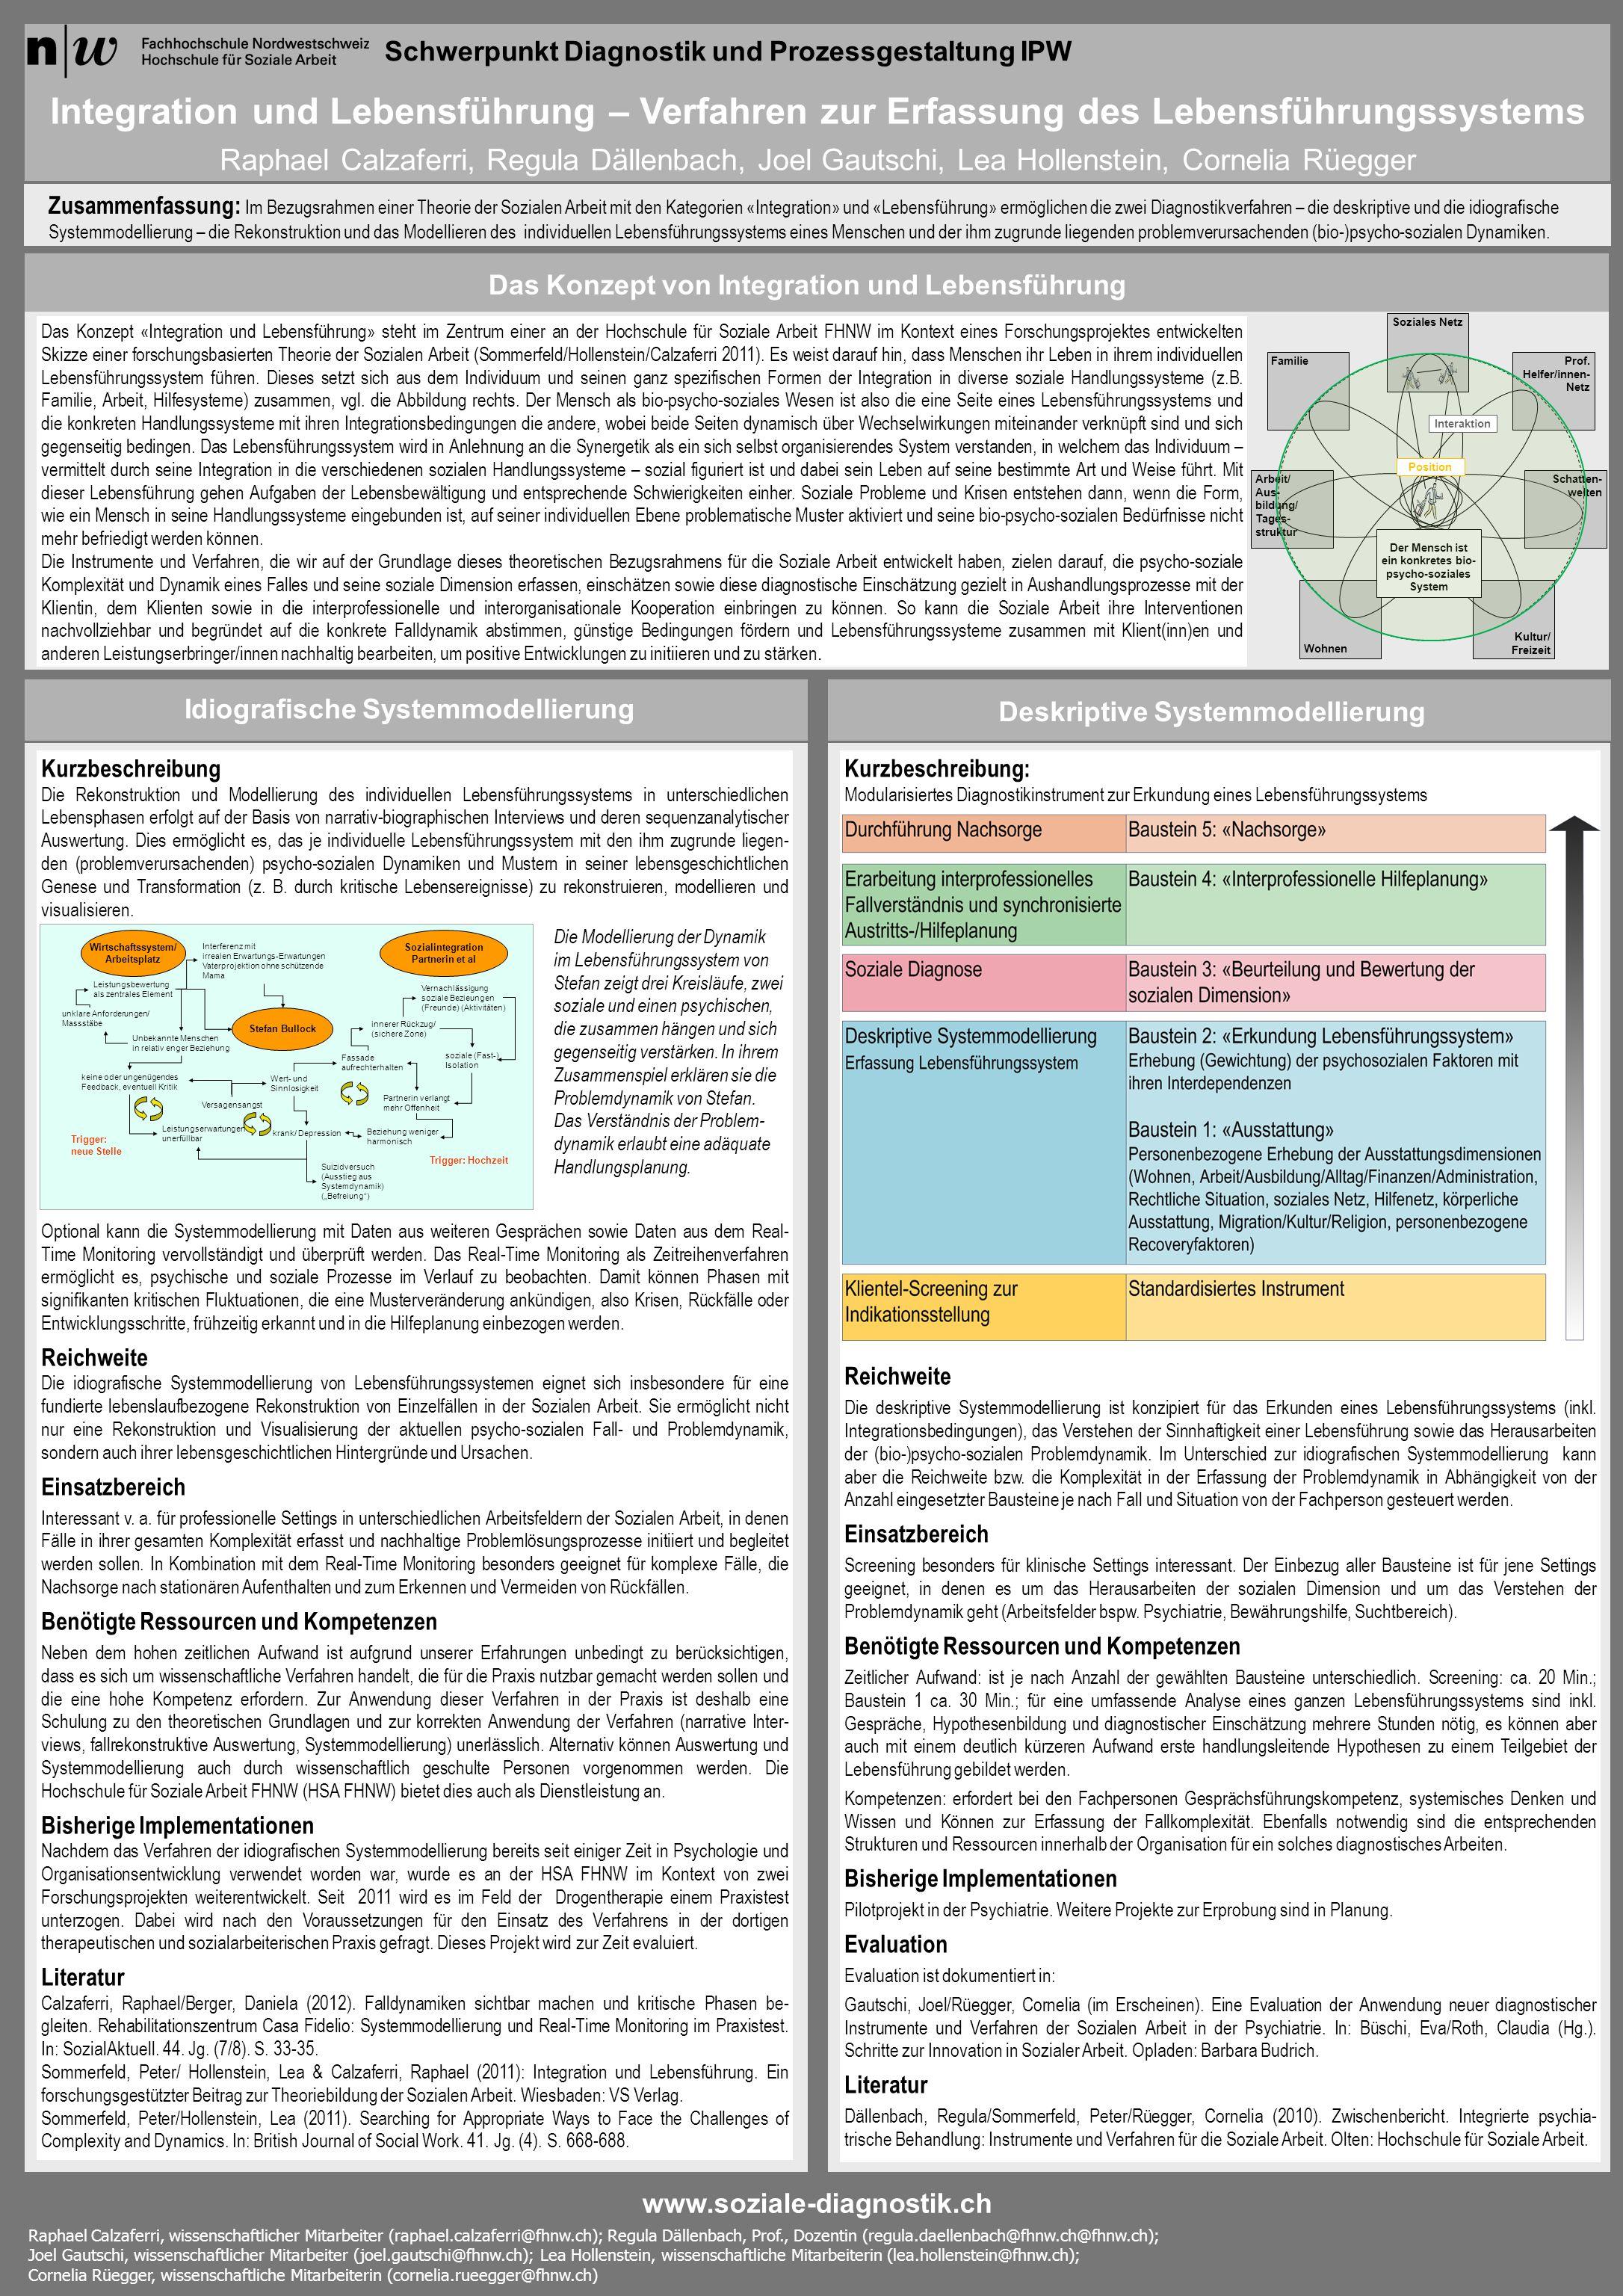 Kurzbeschreibung: Modularisiertes Diagnostikinstrument zur Erkundung eines Lebensführungssystems Reichweite Die deskriptive Systemmodellierung ist kon